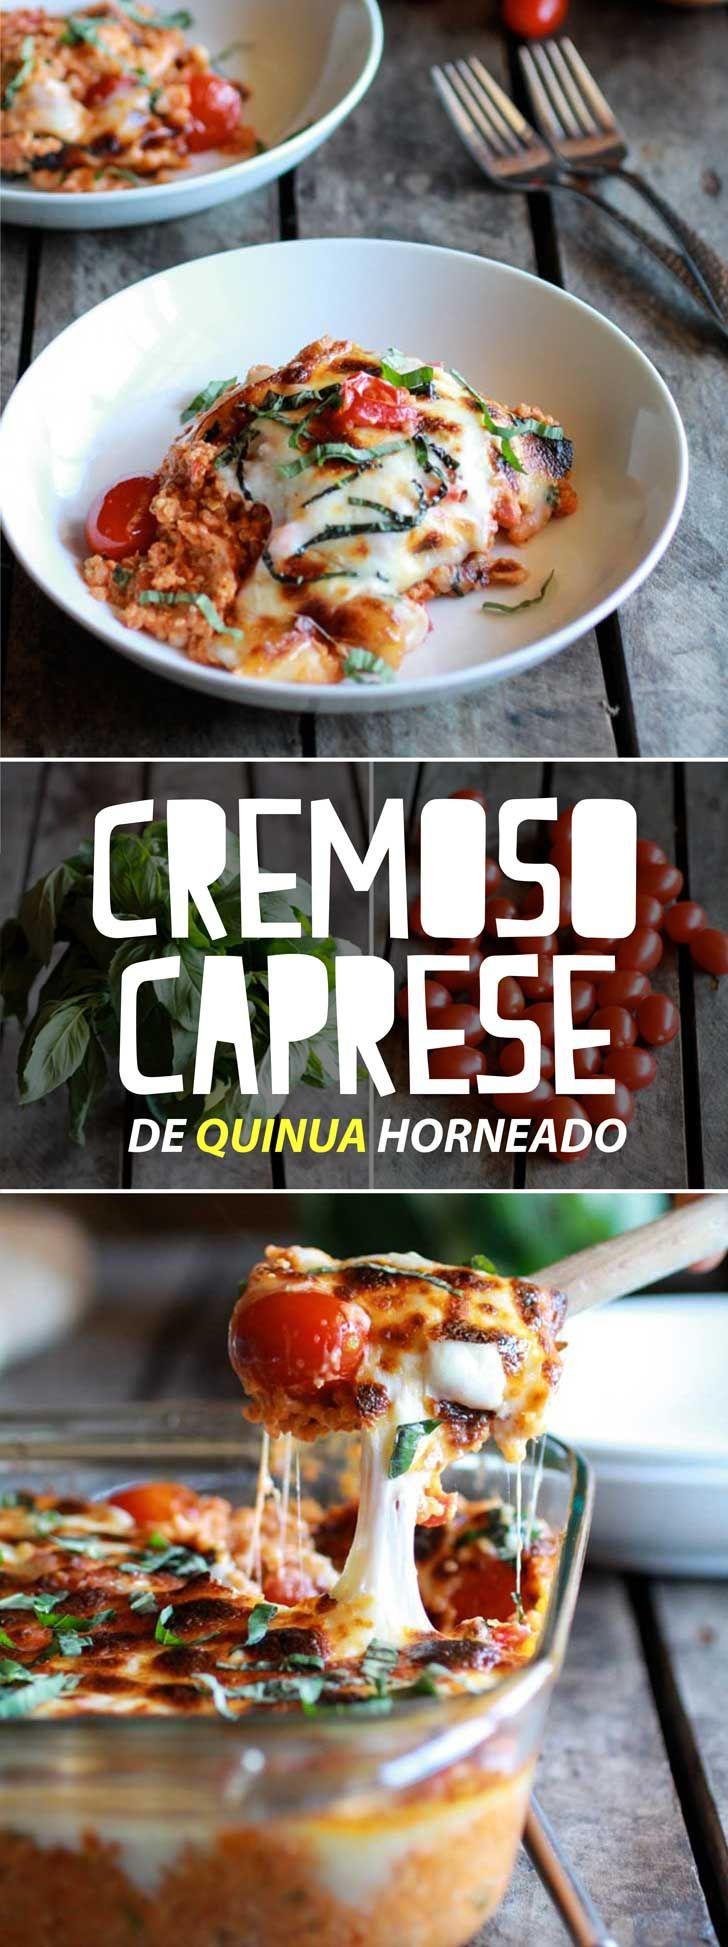 cremoso-caprese de quinoa: 2 tazas de quinua cocinada 1 taza de tu salsa de pasta favorita 2 cucharadas de pasta de tomate 1/3 taza de crema espesa 1/3 taza de queso parmesano 1 taza de mozzarella 1/2 taza de tomates uva, cortados por la mitad 1 ramo grande de albahaca fresca, cortada en tiras 1/2 cucharadita de pimienta roja triturada 1/4 cucharadita de sal 1/4 cucharadita de pimienta